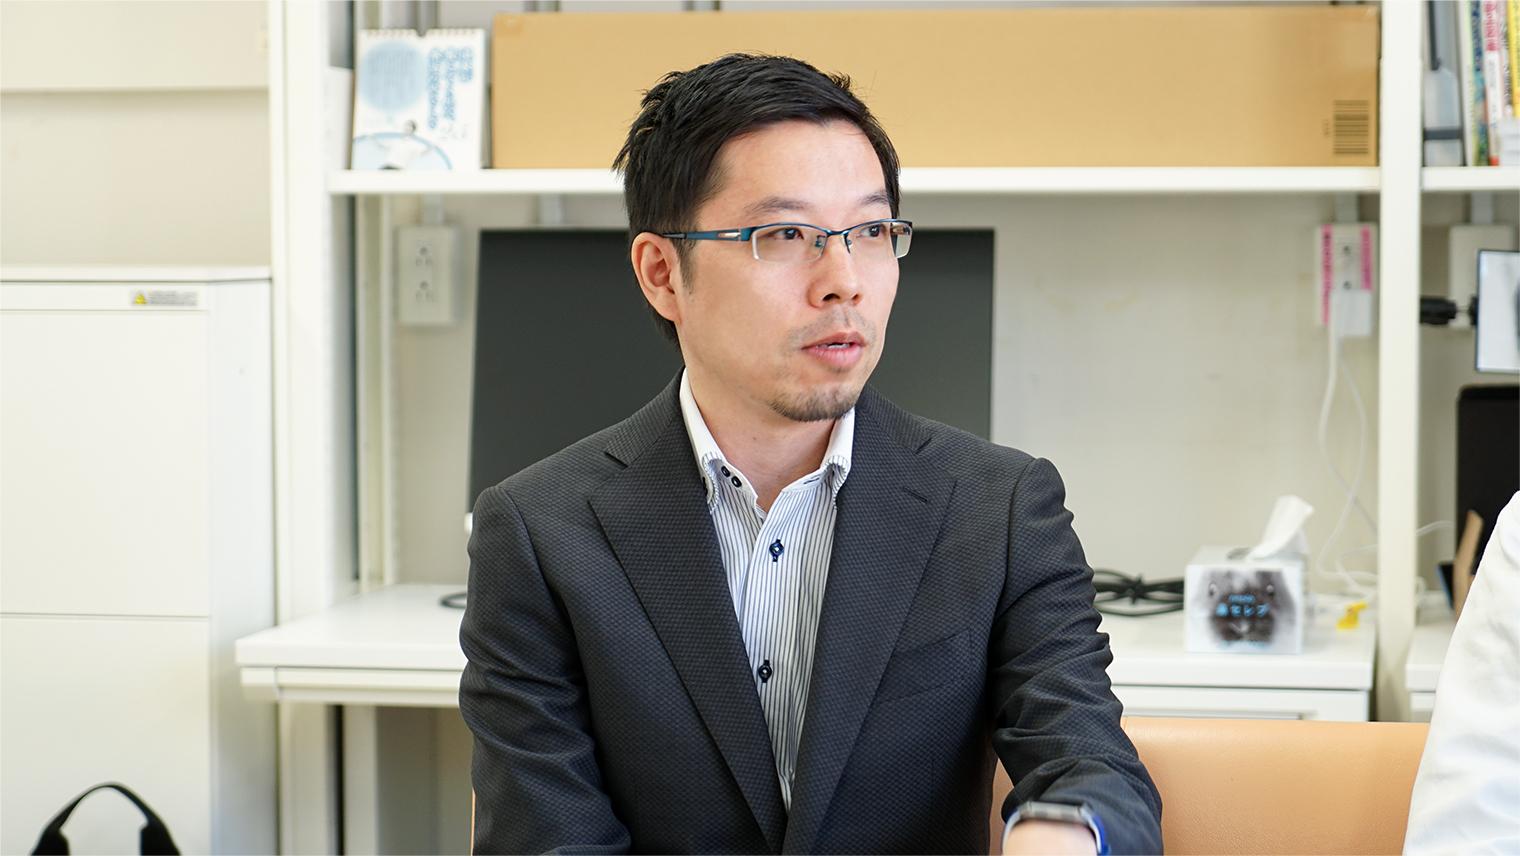 藤岡昌泰さん 株式会社グレースイメージング 取締役CTO